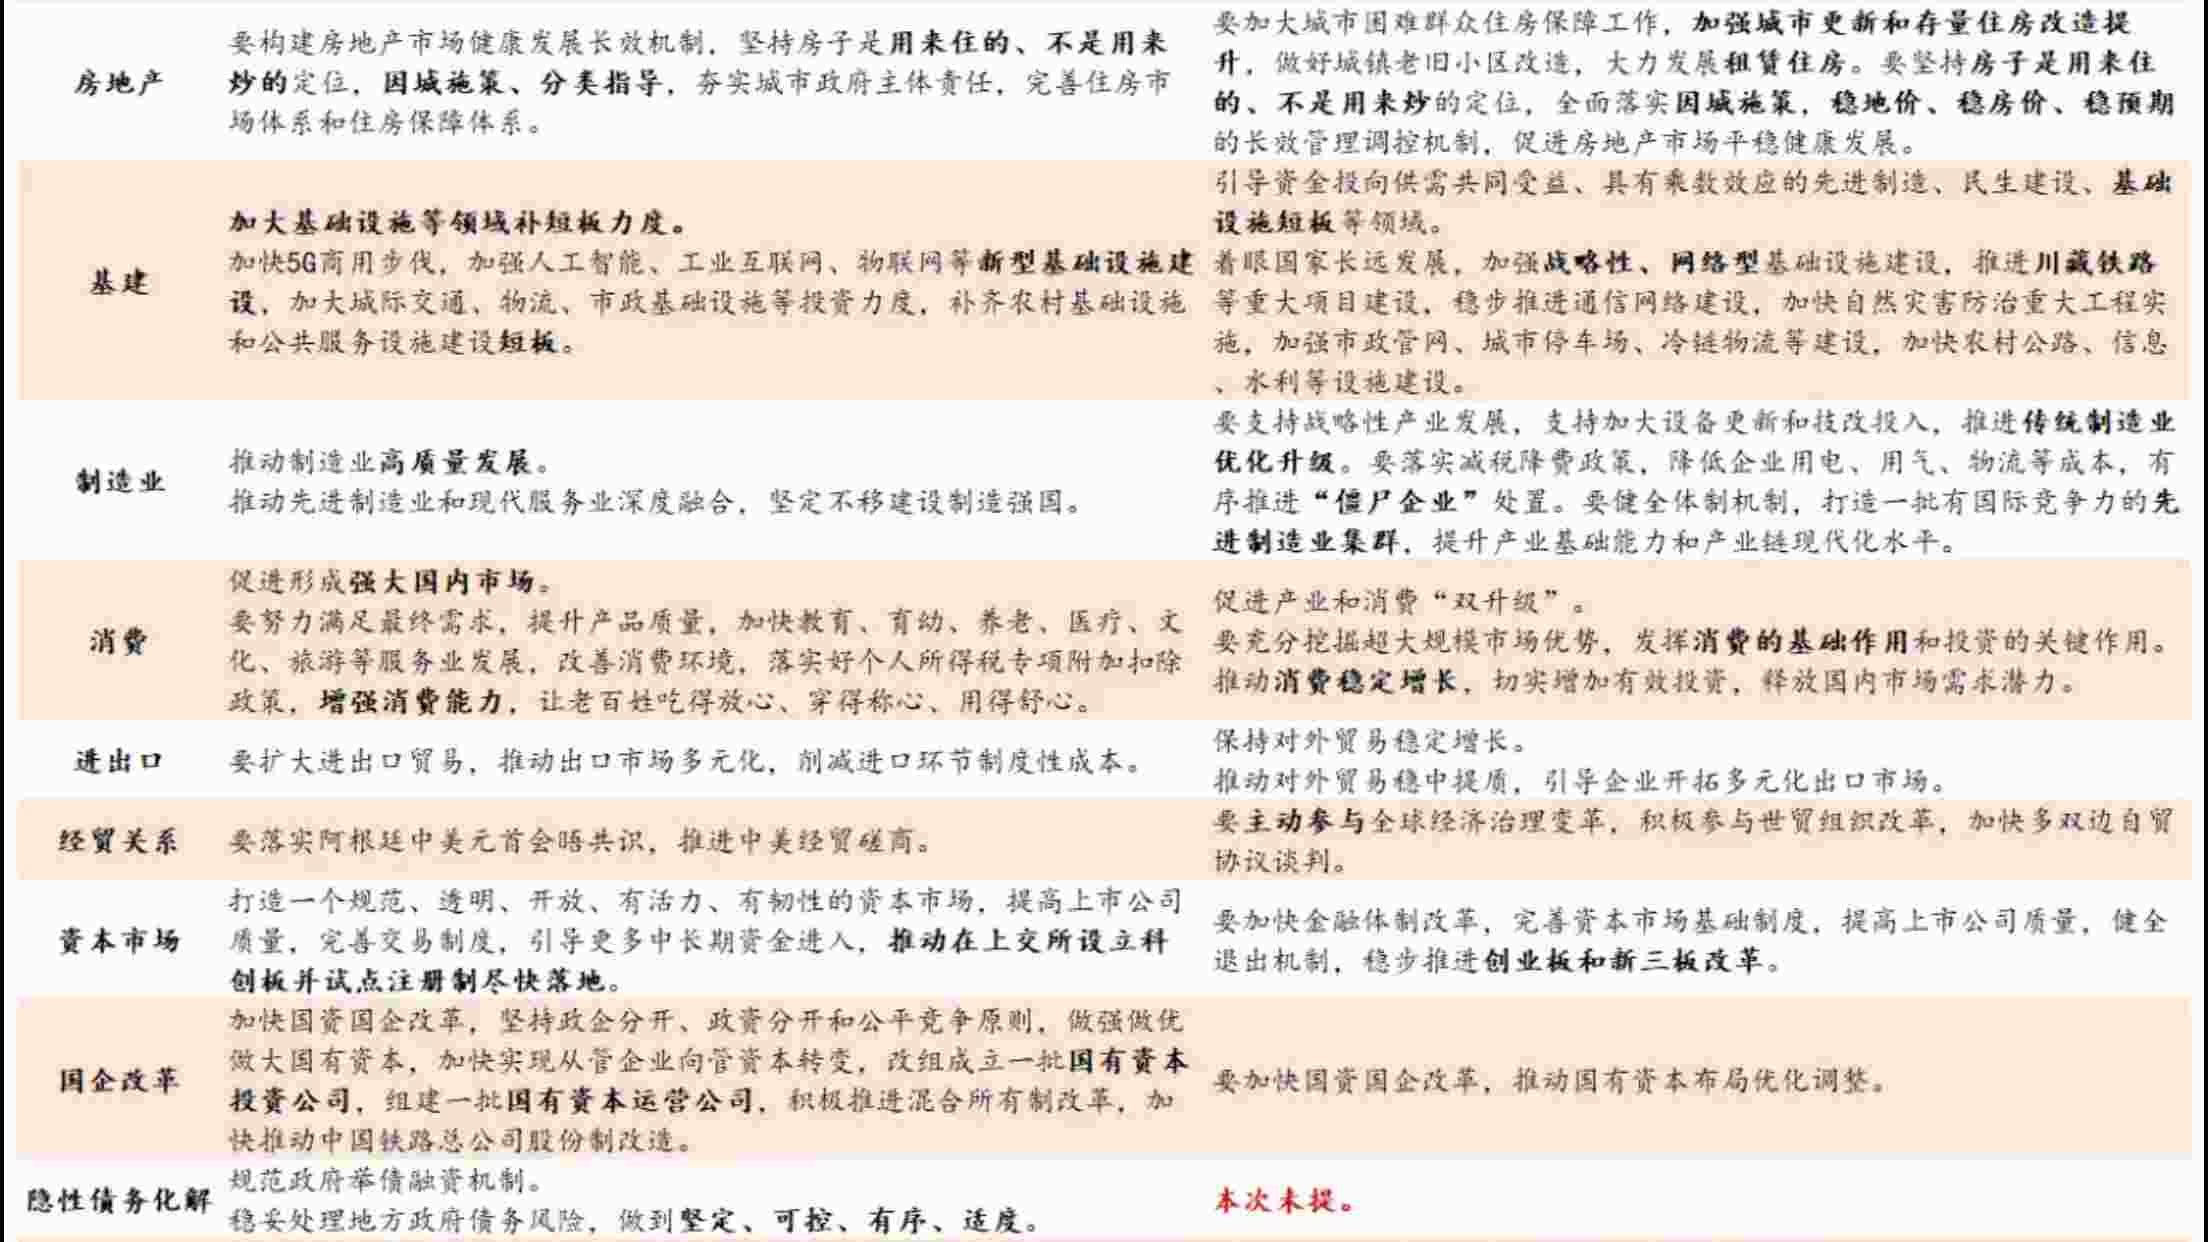 """申博代「理app:中心」经济工『作』会议「开」释'超'重《磅》信号 """"怎样影"""